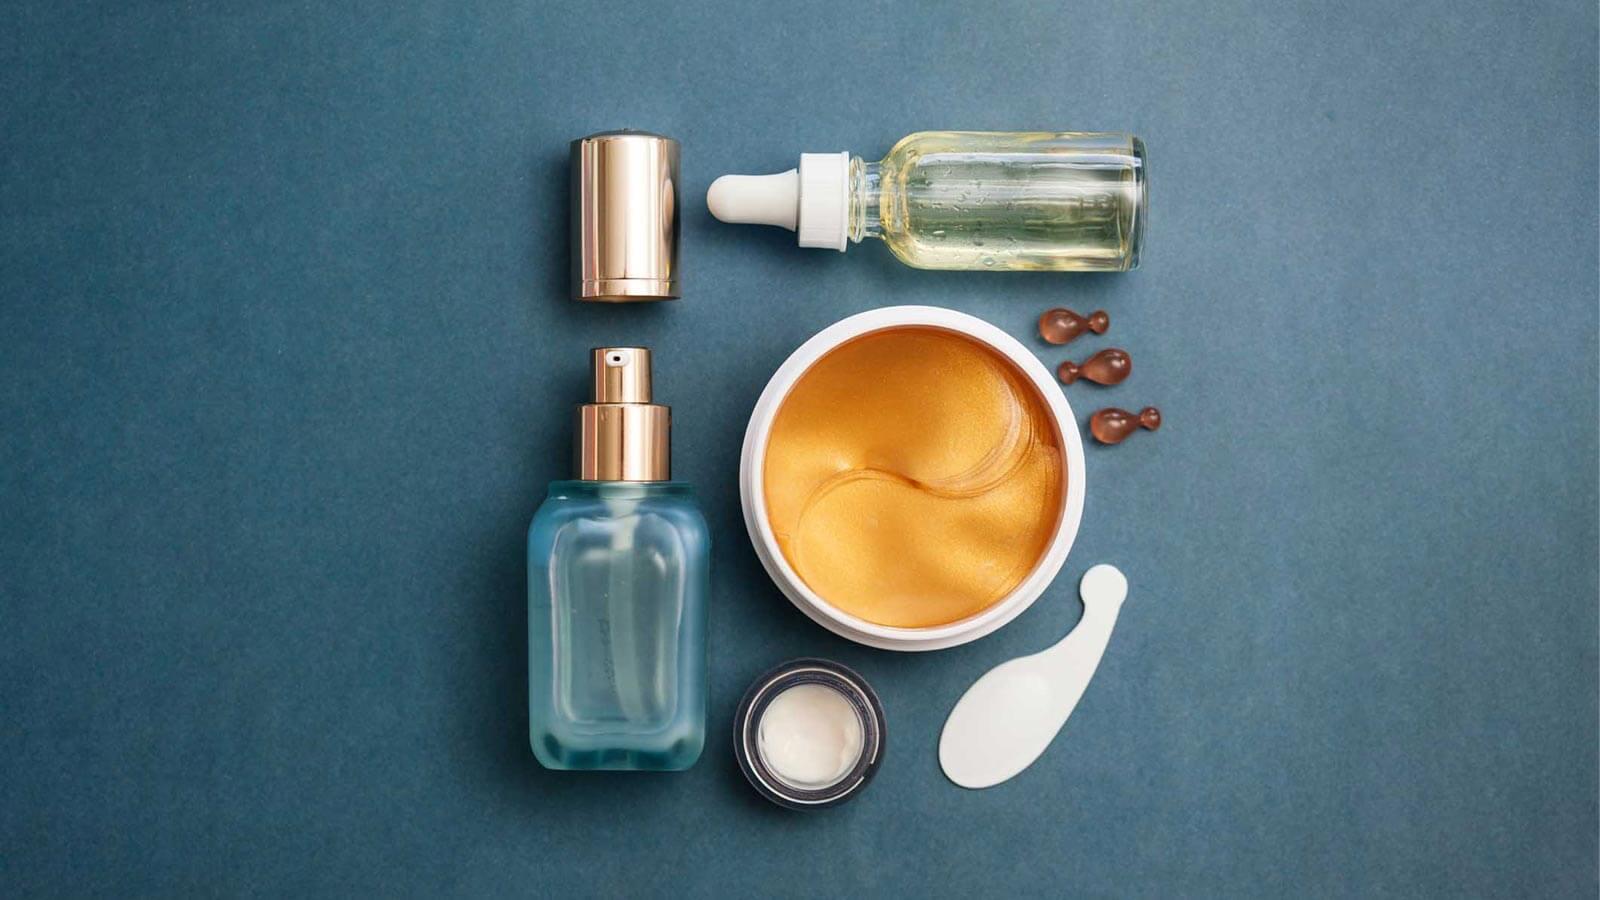 hidratación profunda para rutina cuidado facial